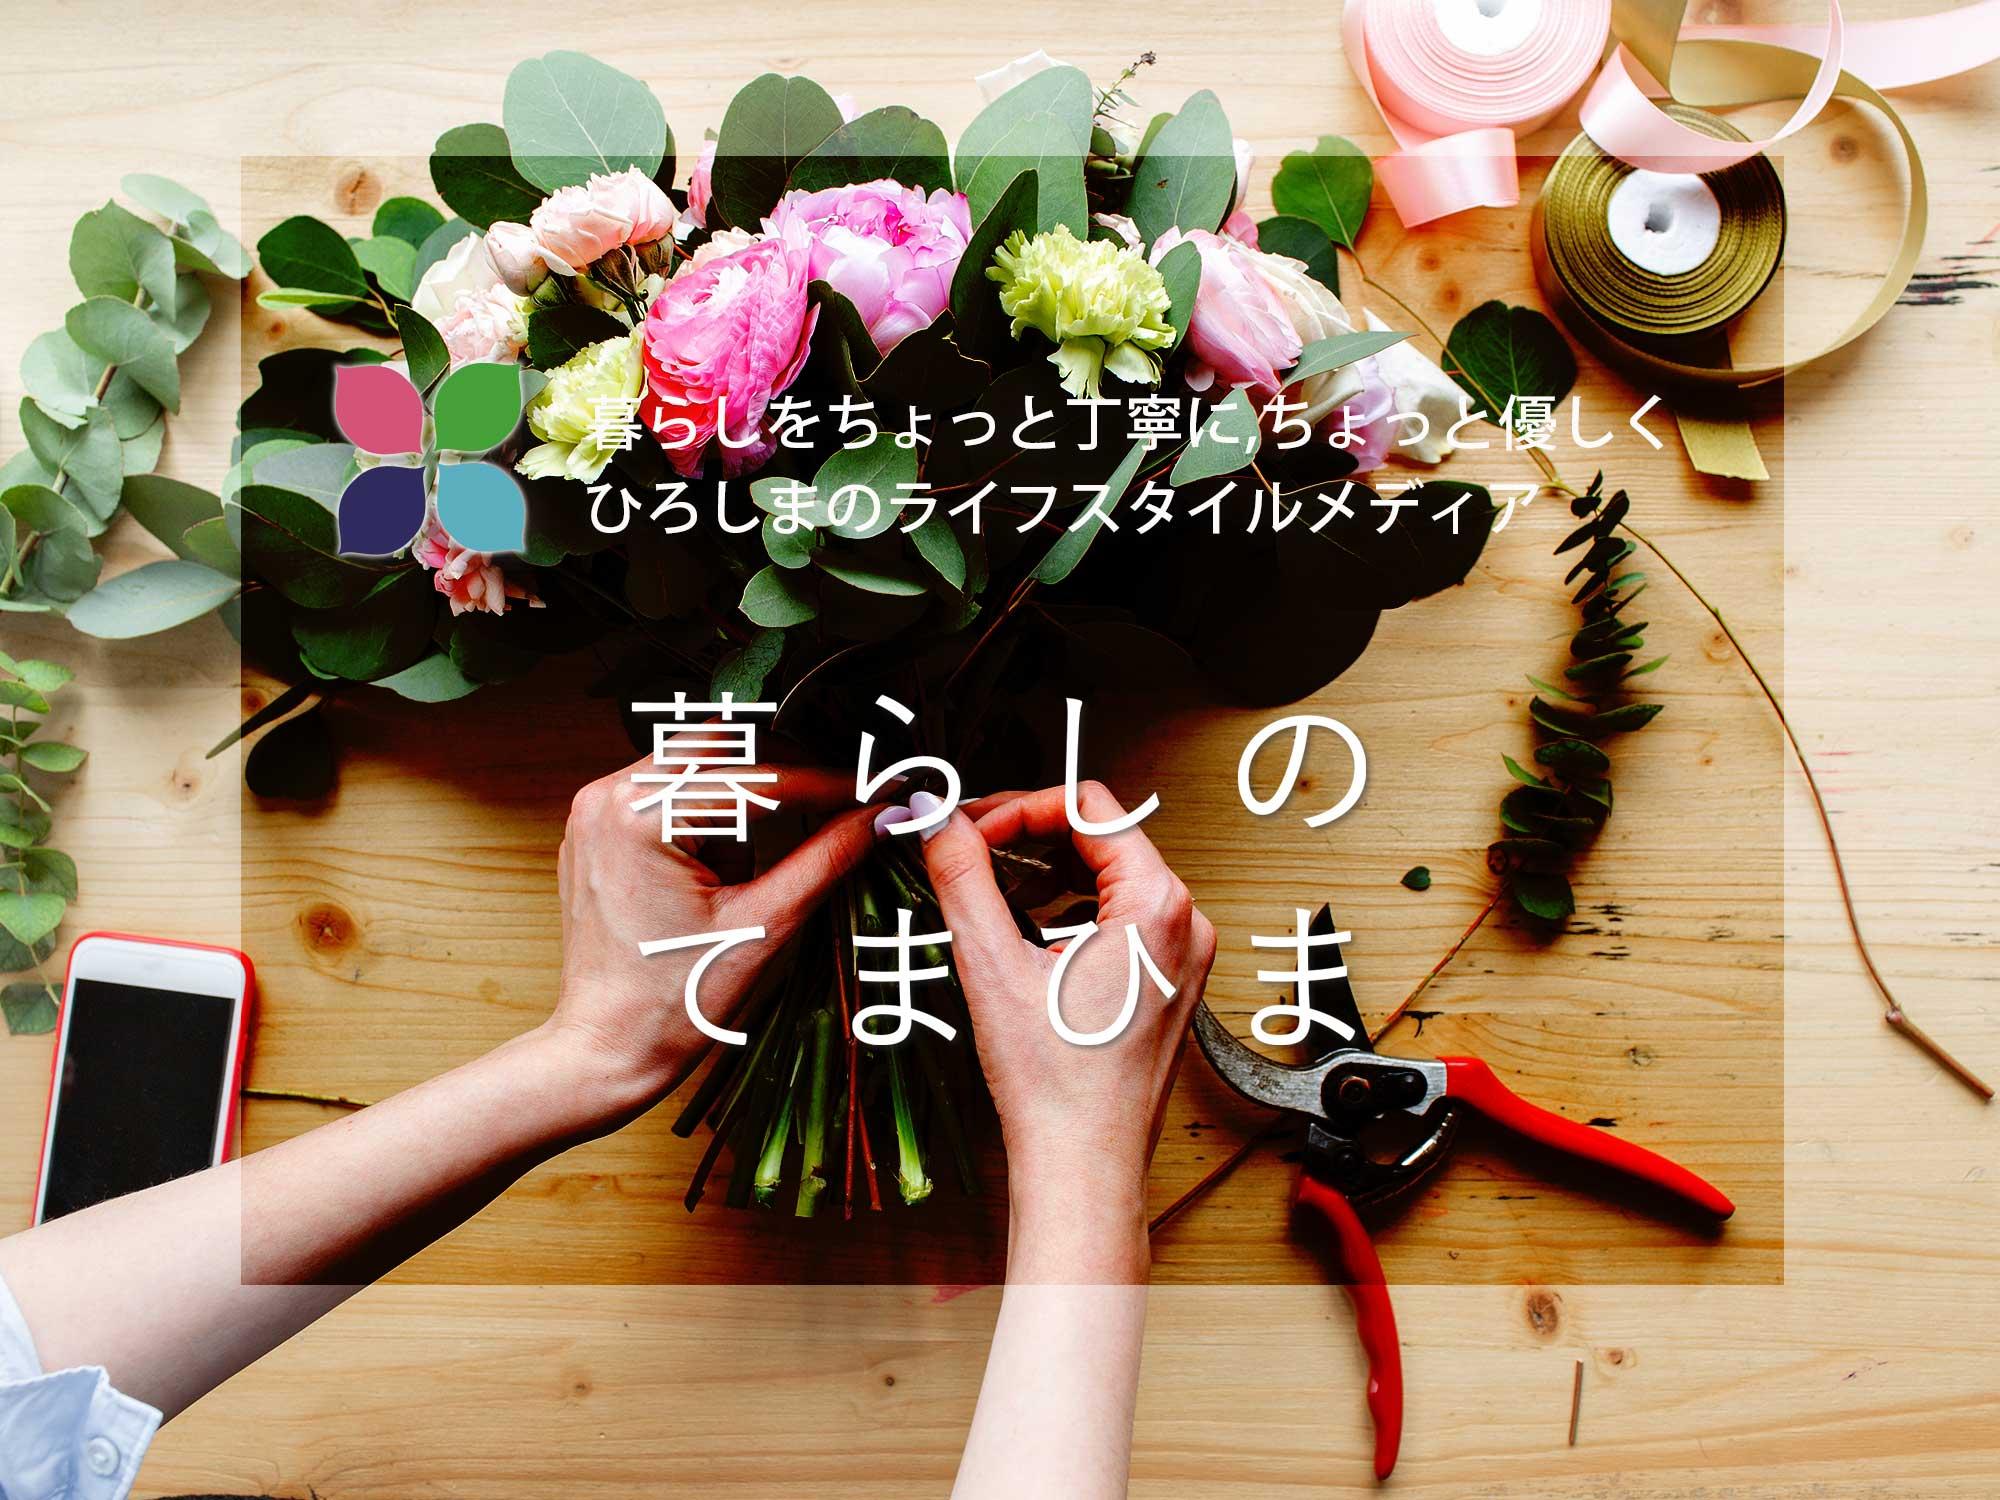 暮らしのてまひま - ひろしまのライフスタイルをちょっと丁寧に、ちょっと優しく